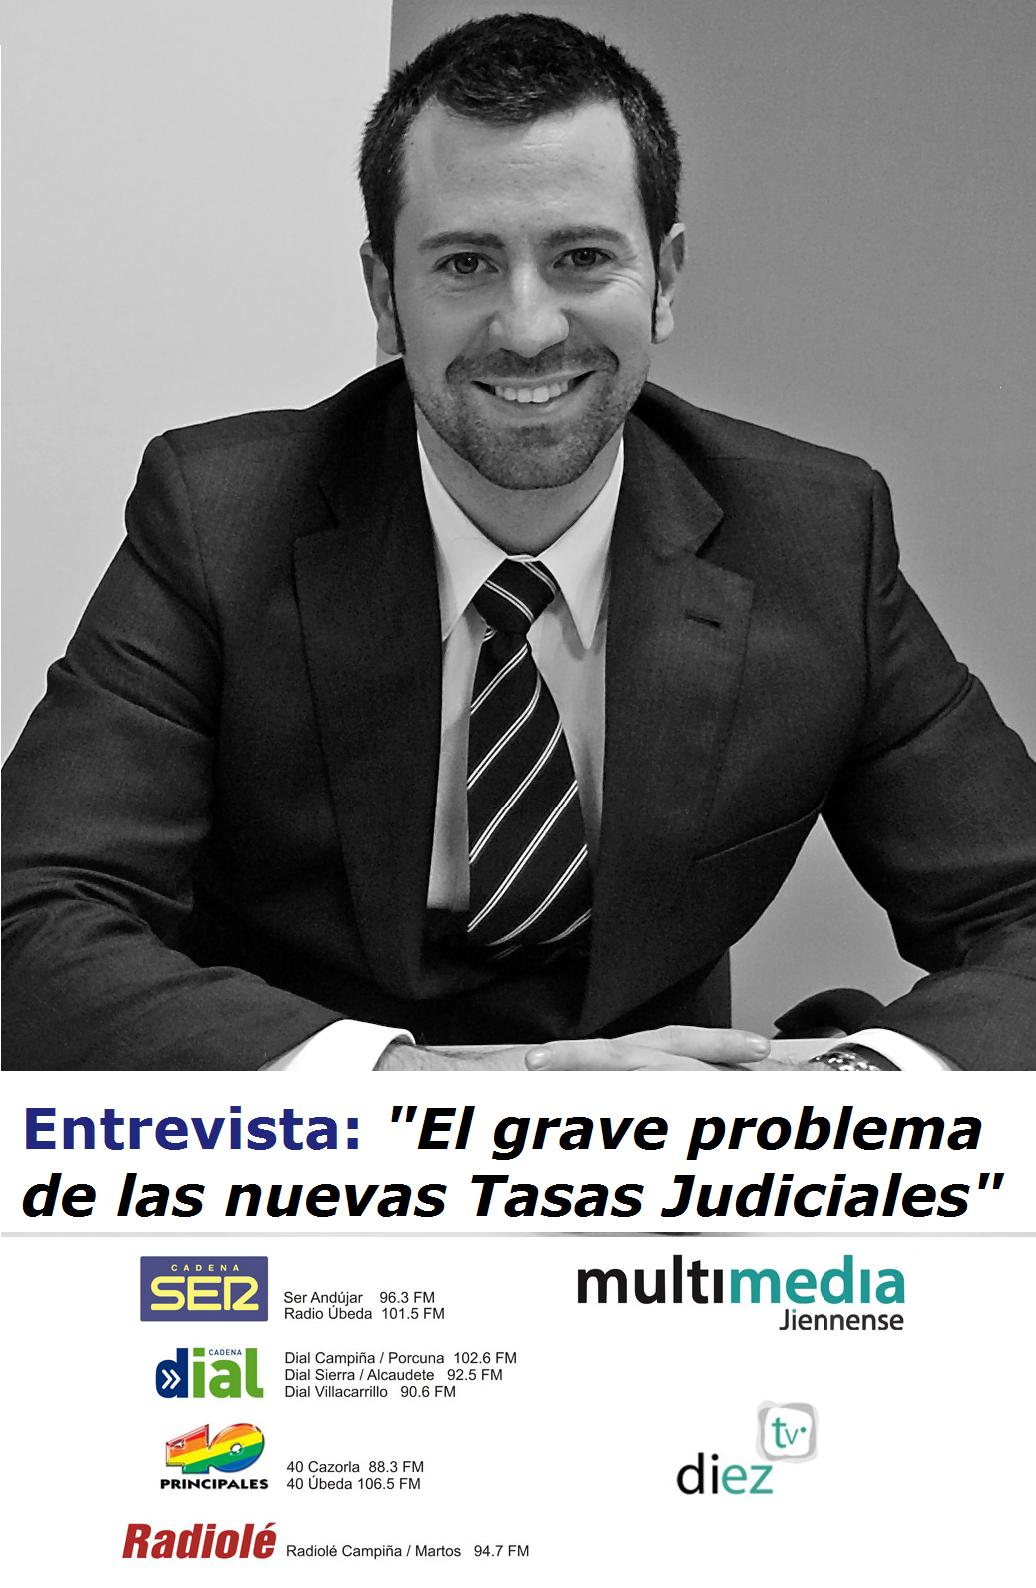 Entrevista tasas judiciales